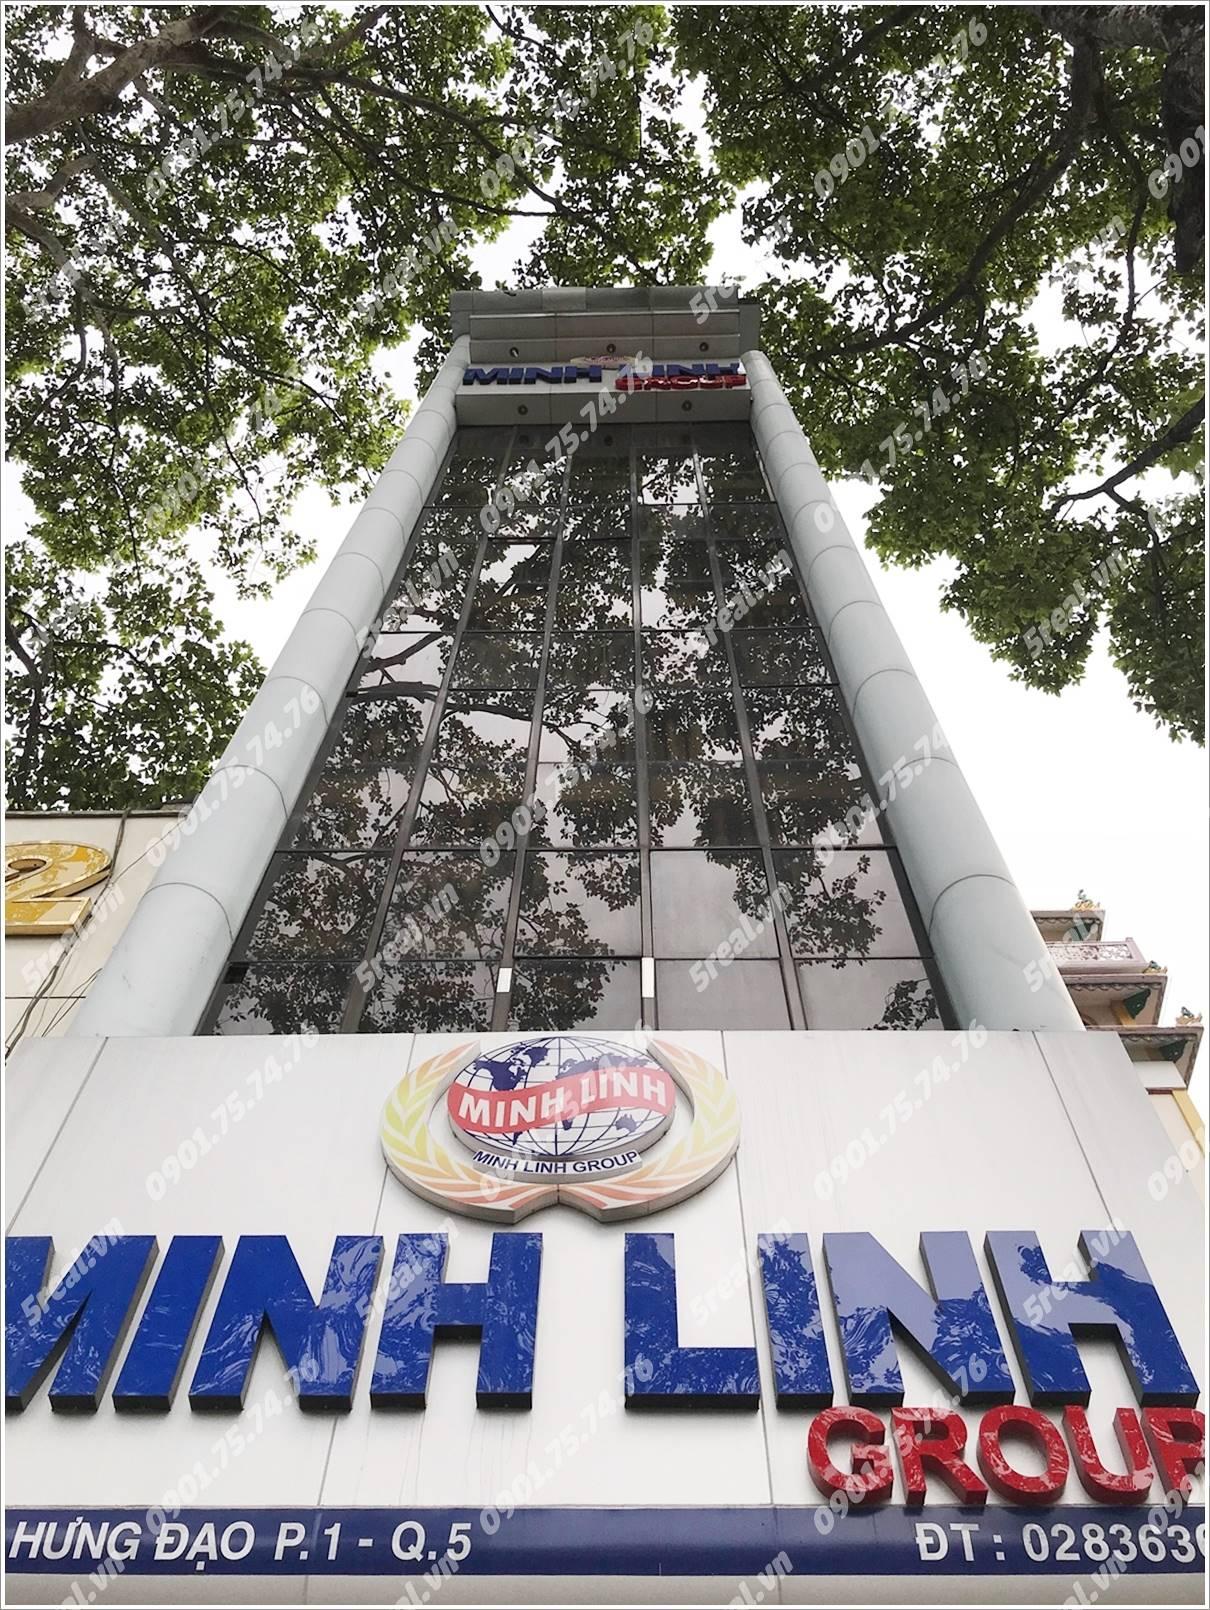 minh-linh-building-tran-hung-dao-quan-5-van-phong-cho-thue-tphcm-5real.vn-01